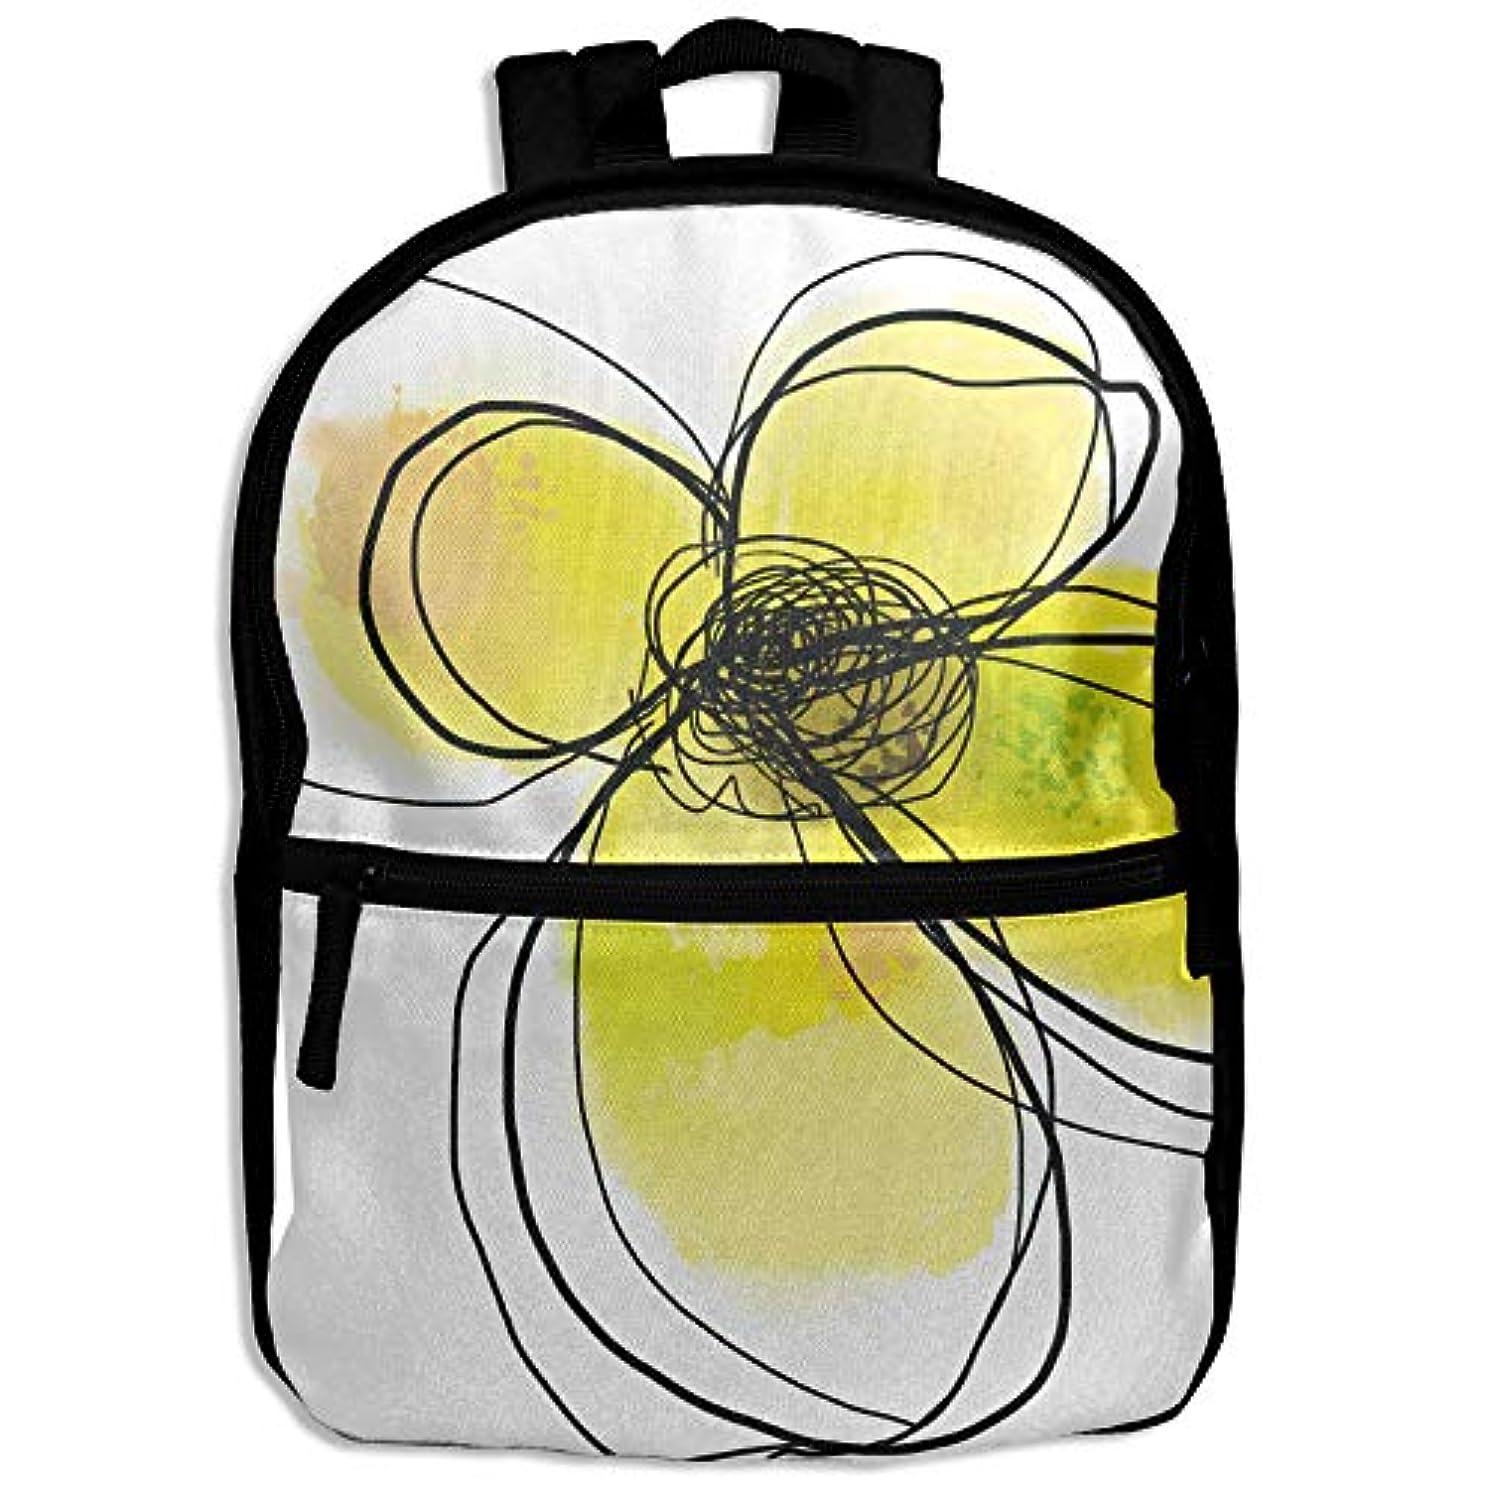 愛する土器有利キッズバッグ キッズ リュックサック バックパック 子供用のバッグ 学生 リュックサック イエロー 花びら アウトドア 通学 ハイキング 遠足